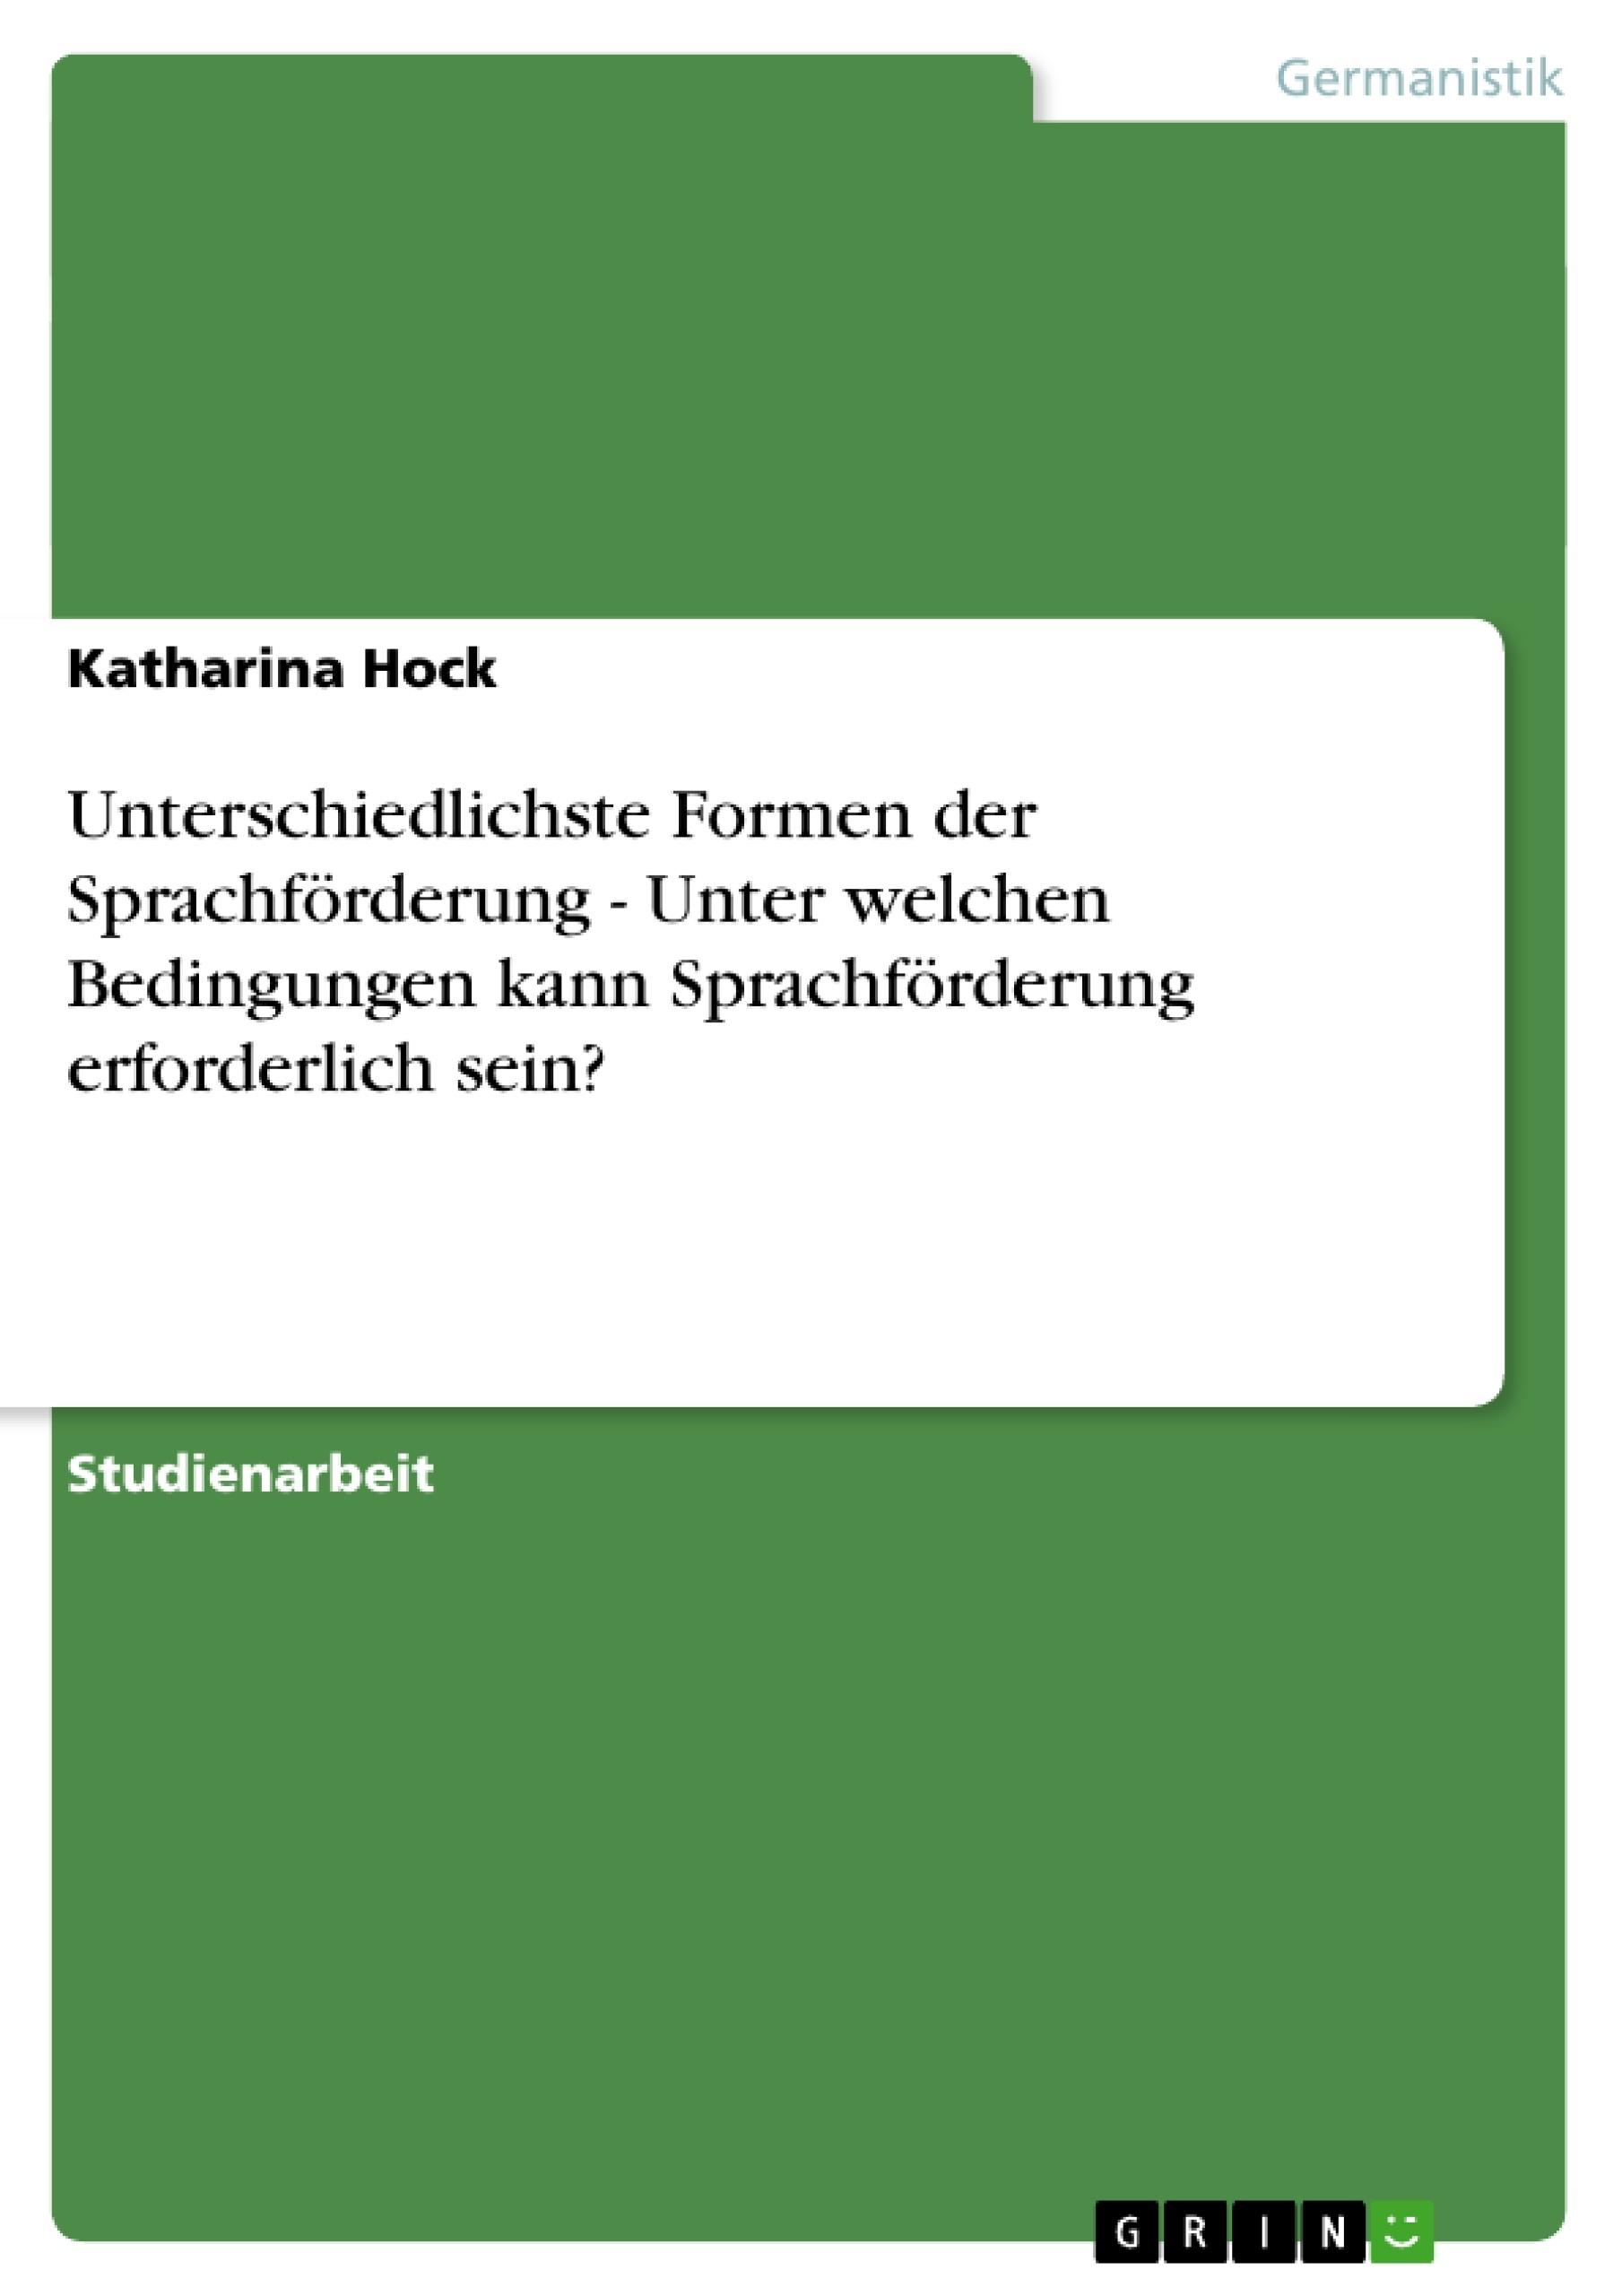 Titel: Unterschiedlichste Formen der Sprachförderung - Unter welchen Bedingungen kann Sprachförderung erforderlich sein?